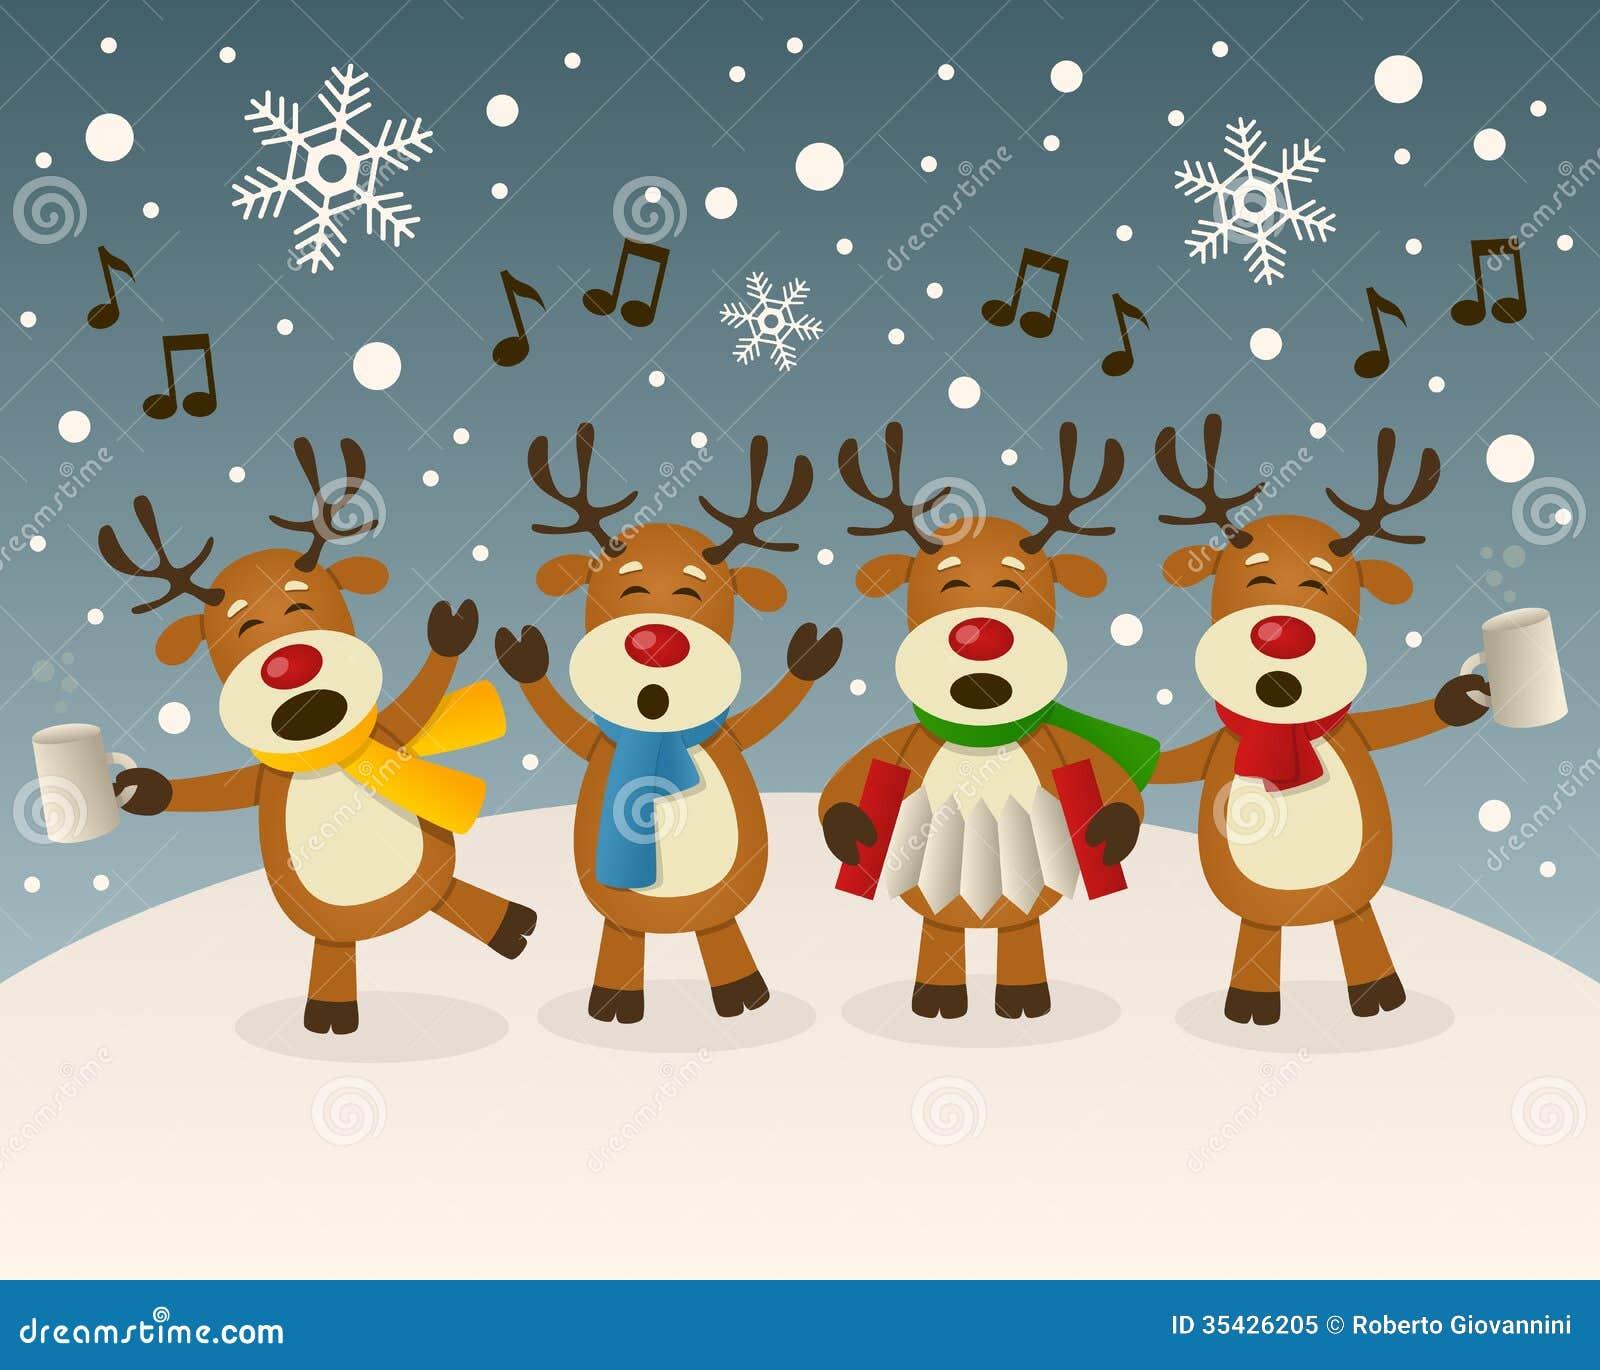 christmas carol animated 1969